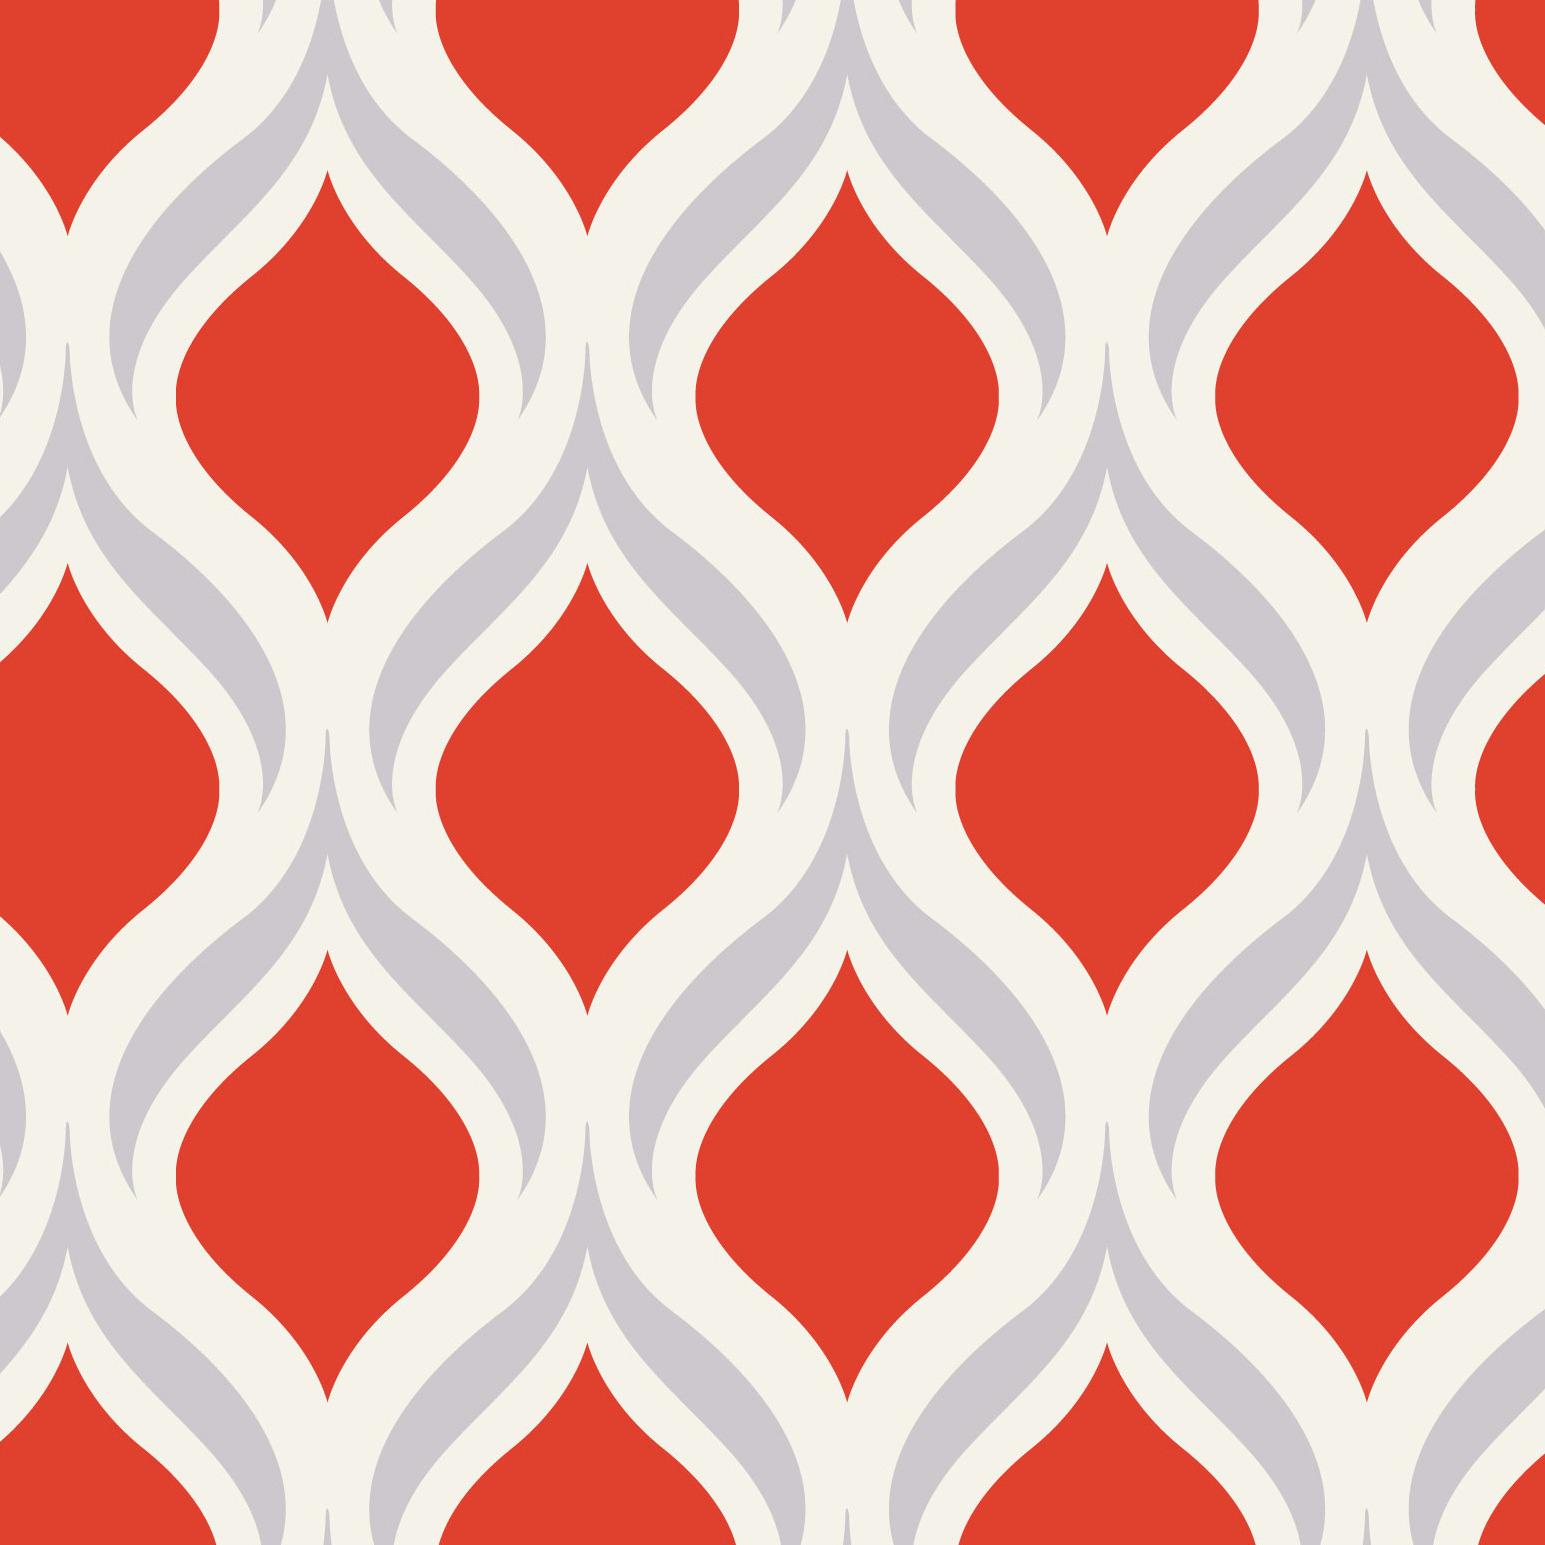 azulejos hidraulicos az0 8 #B12A1A 1545x1545 Banheiro Azulejo Hidraulico